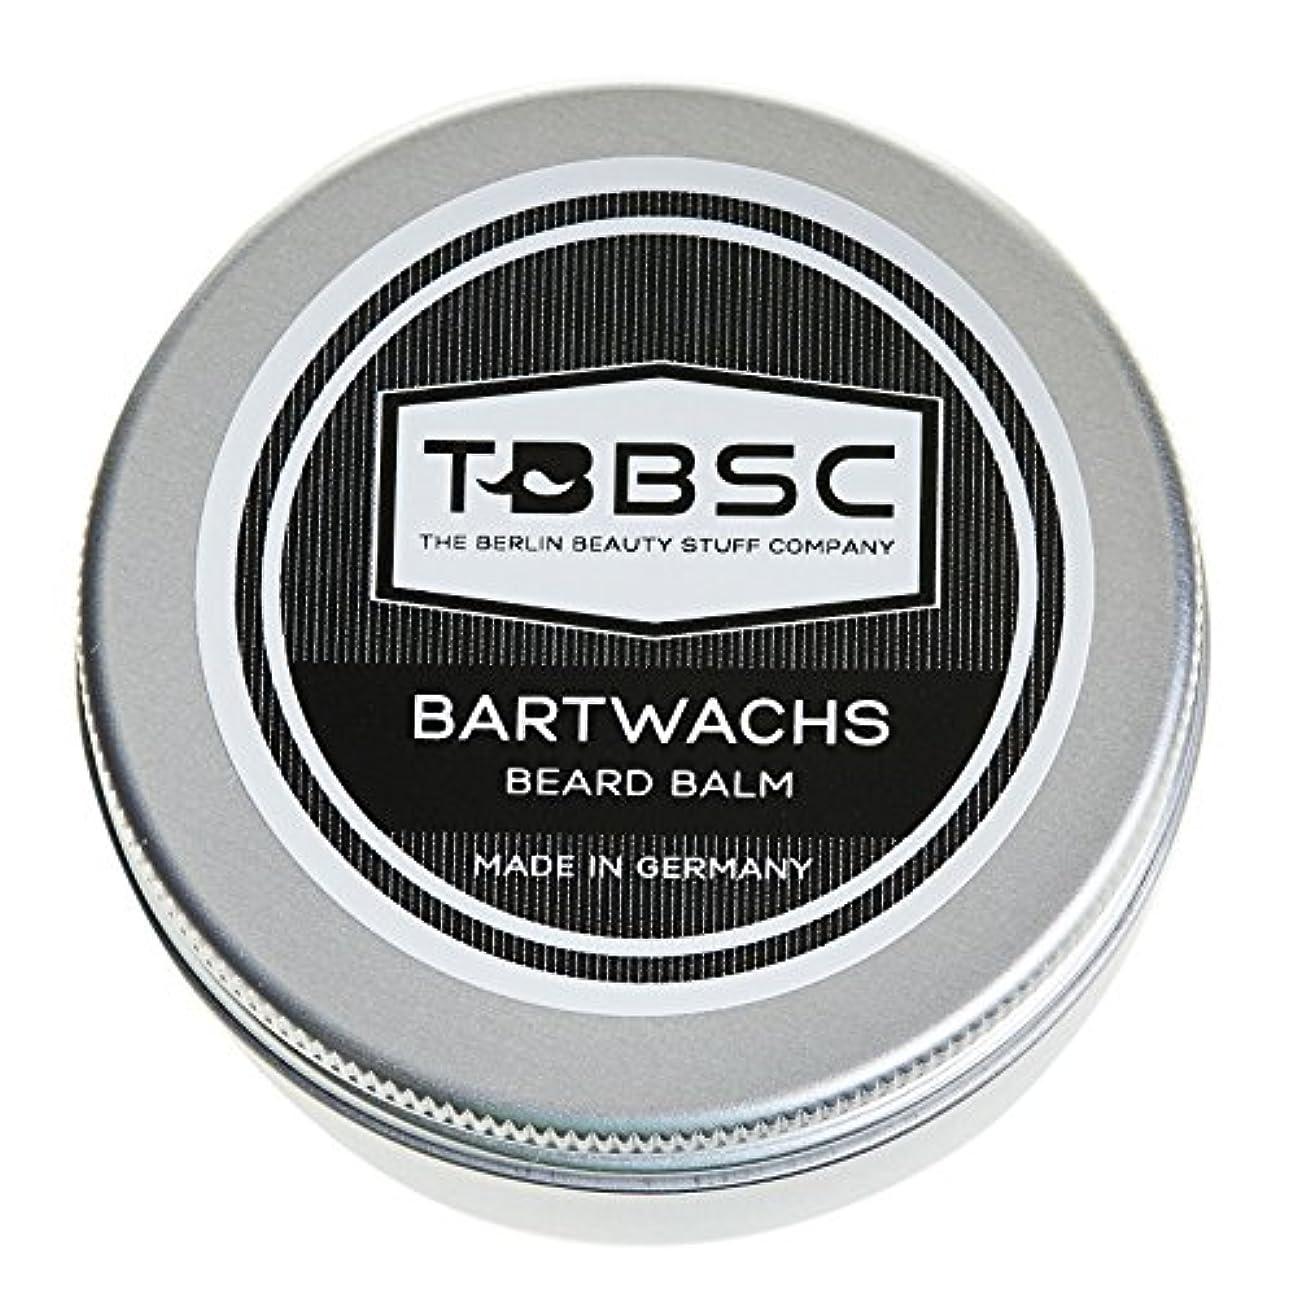 味わう所得二度TBBSCビアードワックス60gドイツ製ケア+スタイリングのためのひげバーム